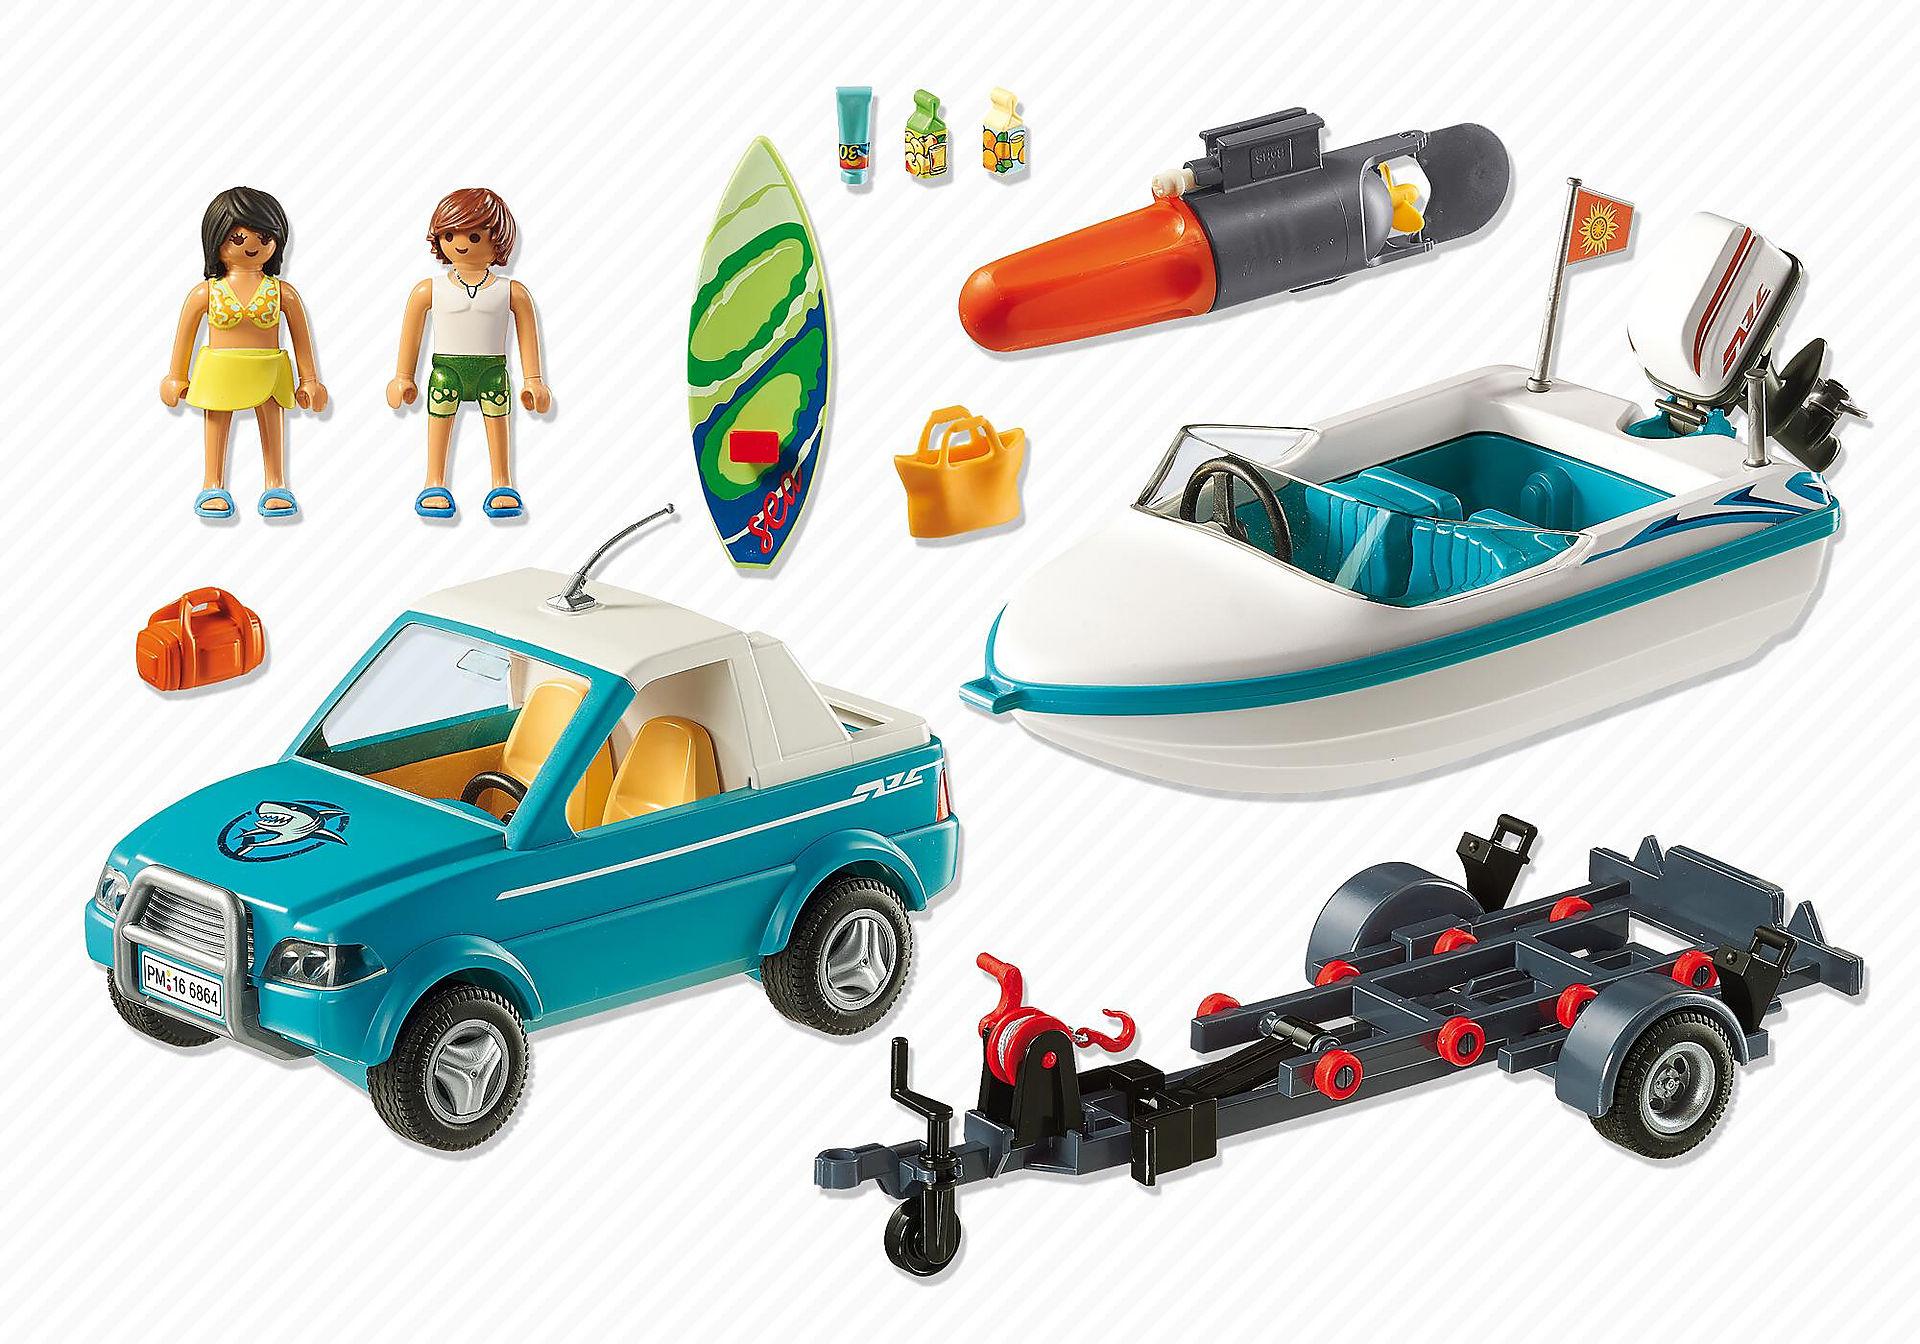 6864 Voiture  avec bateau et moteur submersible  zoom image3